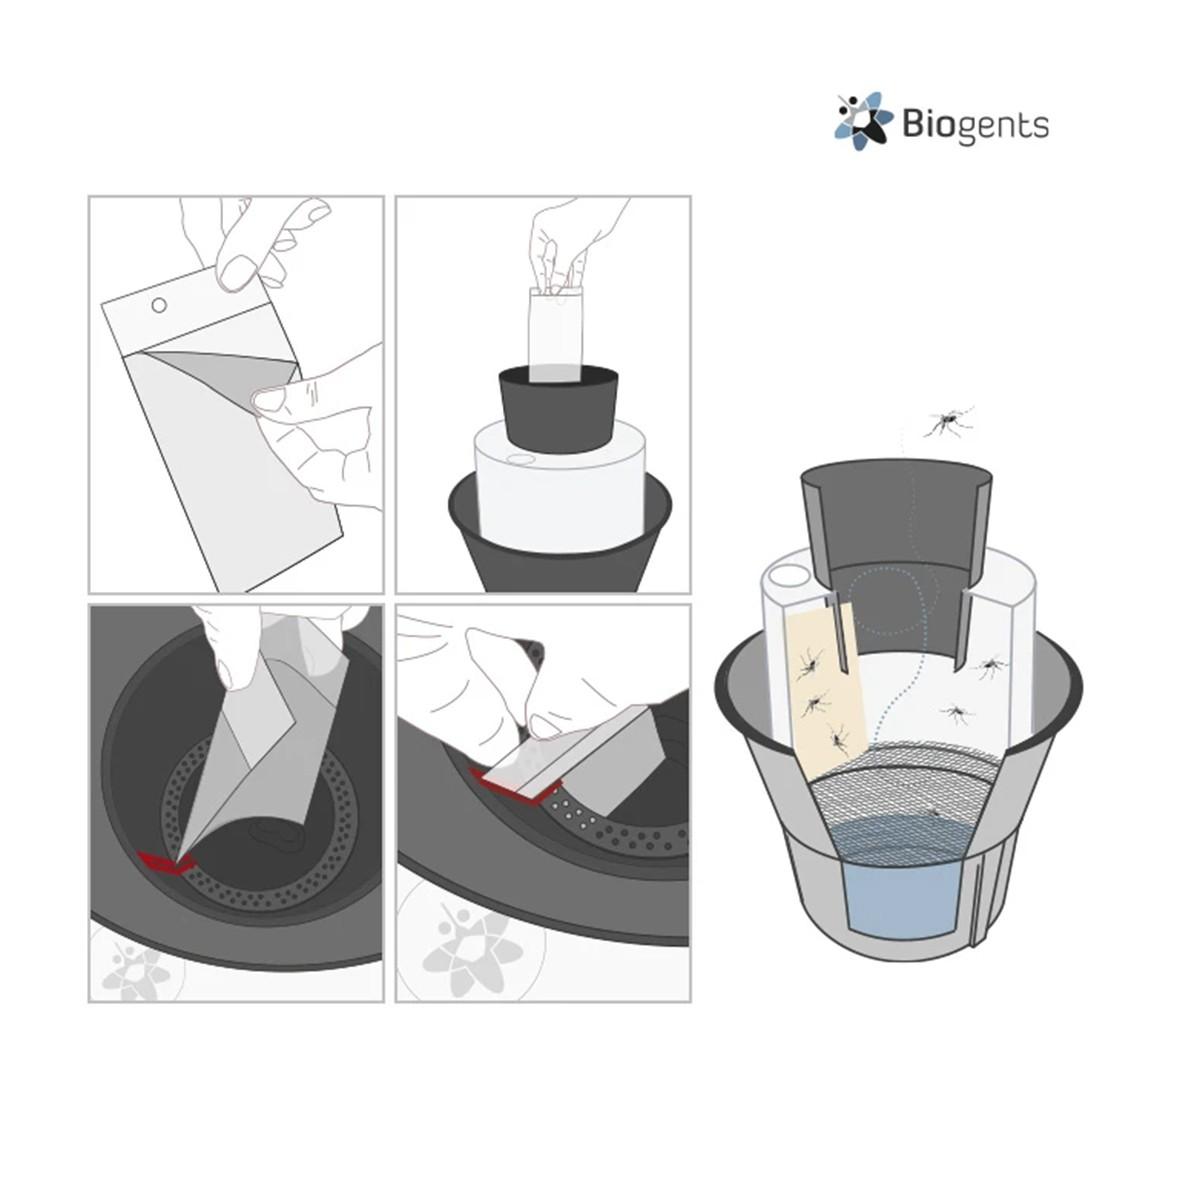 Fogli Adesivi Per Trappola Per Zanzare Bg-gat2 Biogents